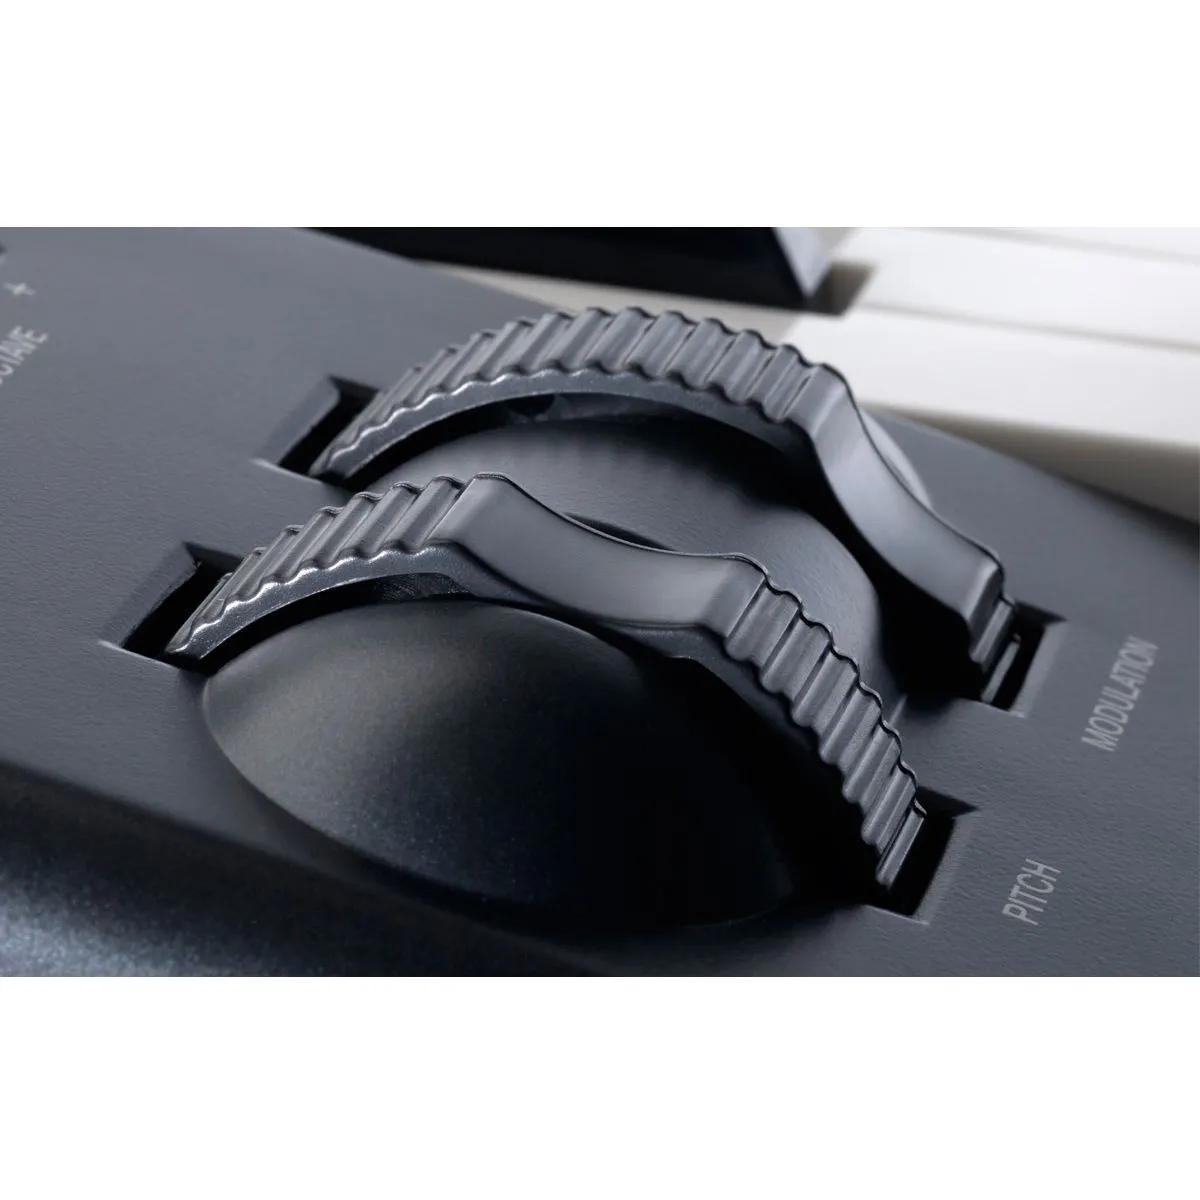 Teclado Controlador Alesis Q88 USB 88 teclas